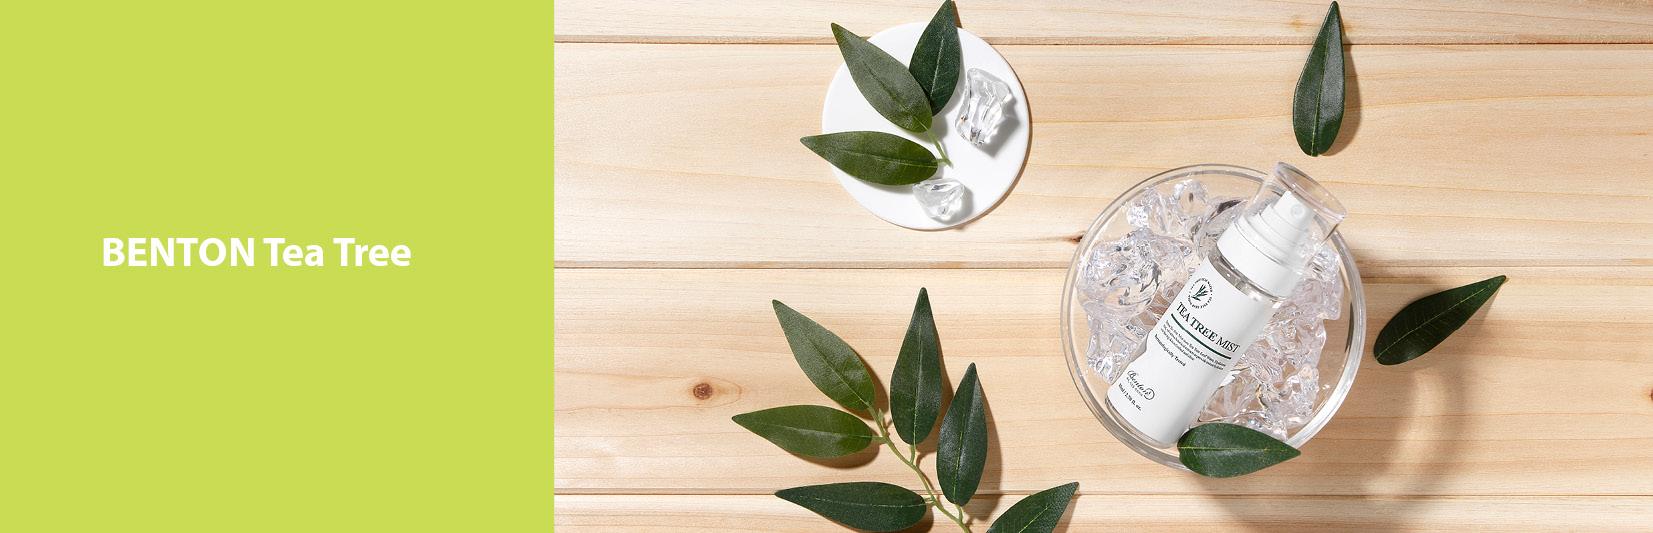 Benton_tea-Tree